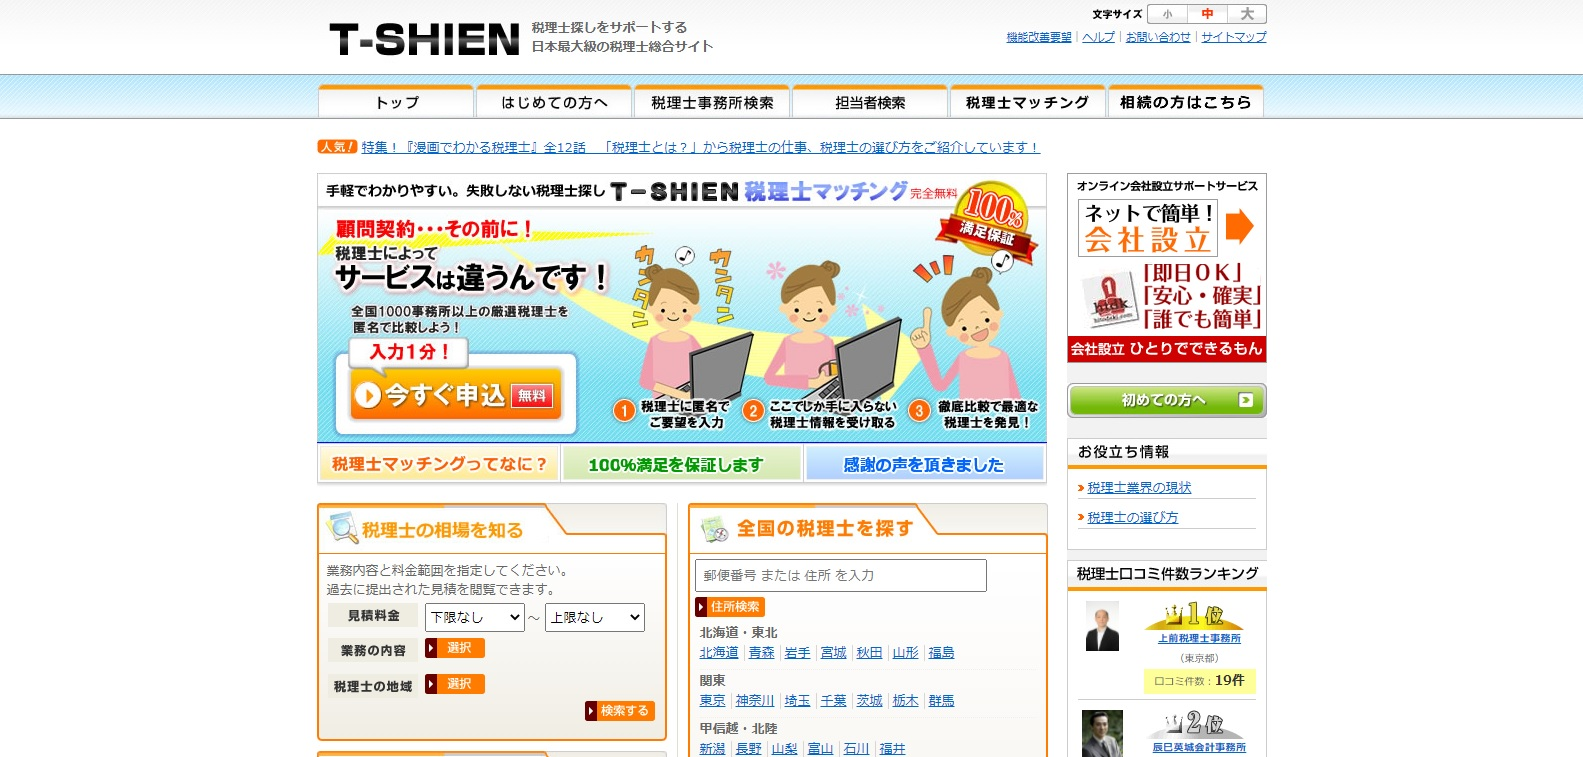 『T-SHIEN』が「自分に合った税理士がみつかるマッチングサイト」など2項目で第1位を獲得!